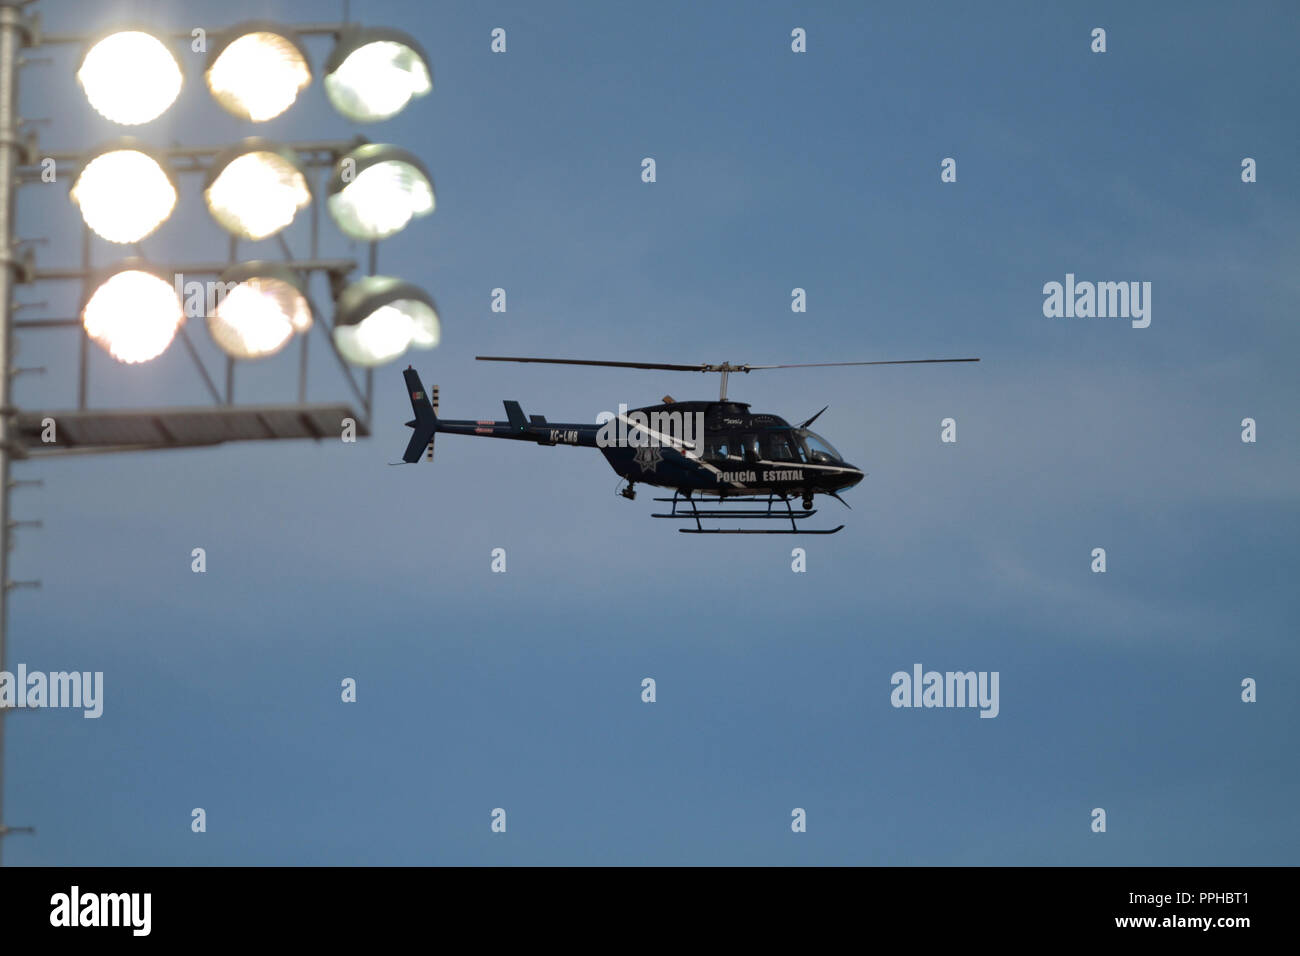 SEGURIDAD. Aeronave, el helicóptero de la policia estatal sobrevolando cerca de las lamparas del Estadio Sonora , durante el primer dia de acción en la Foto de stock